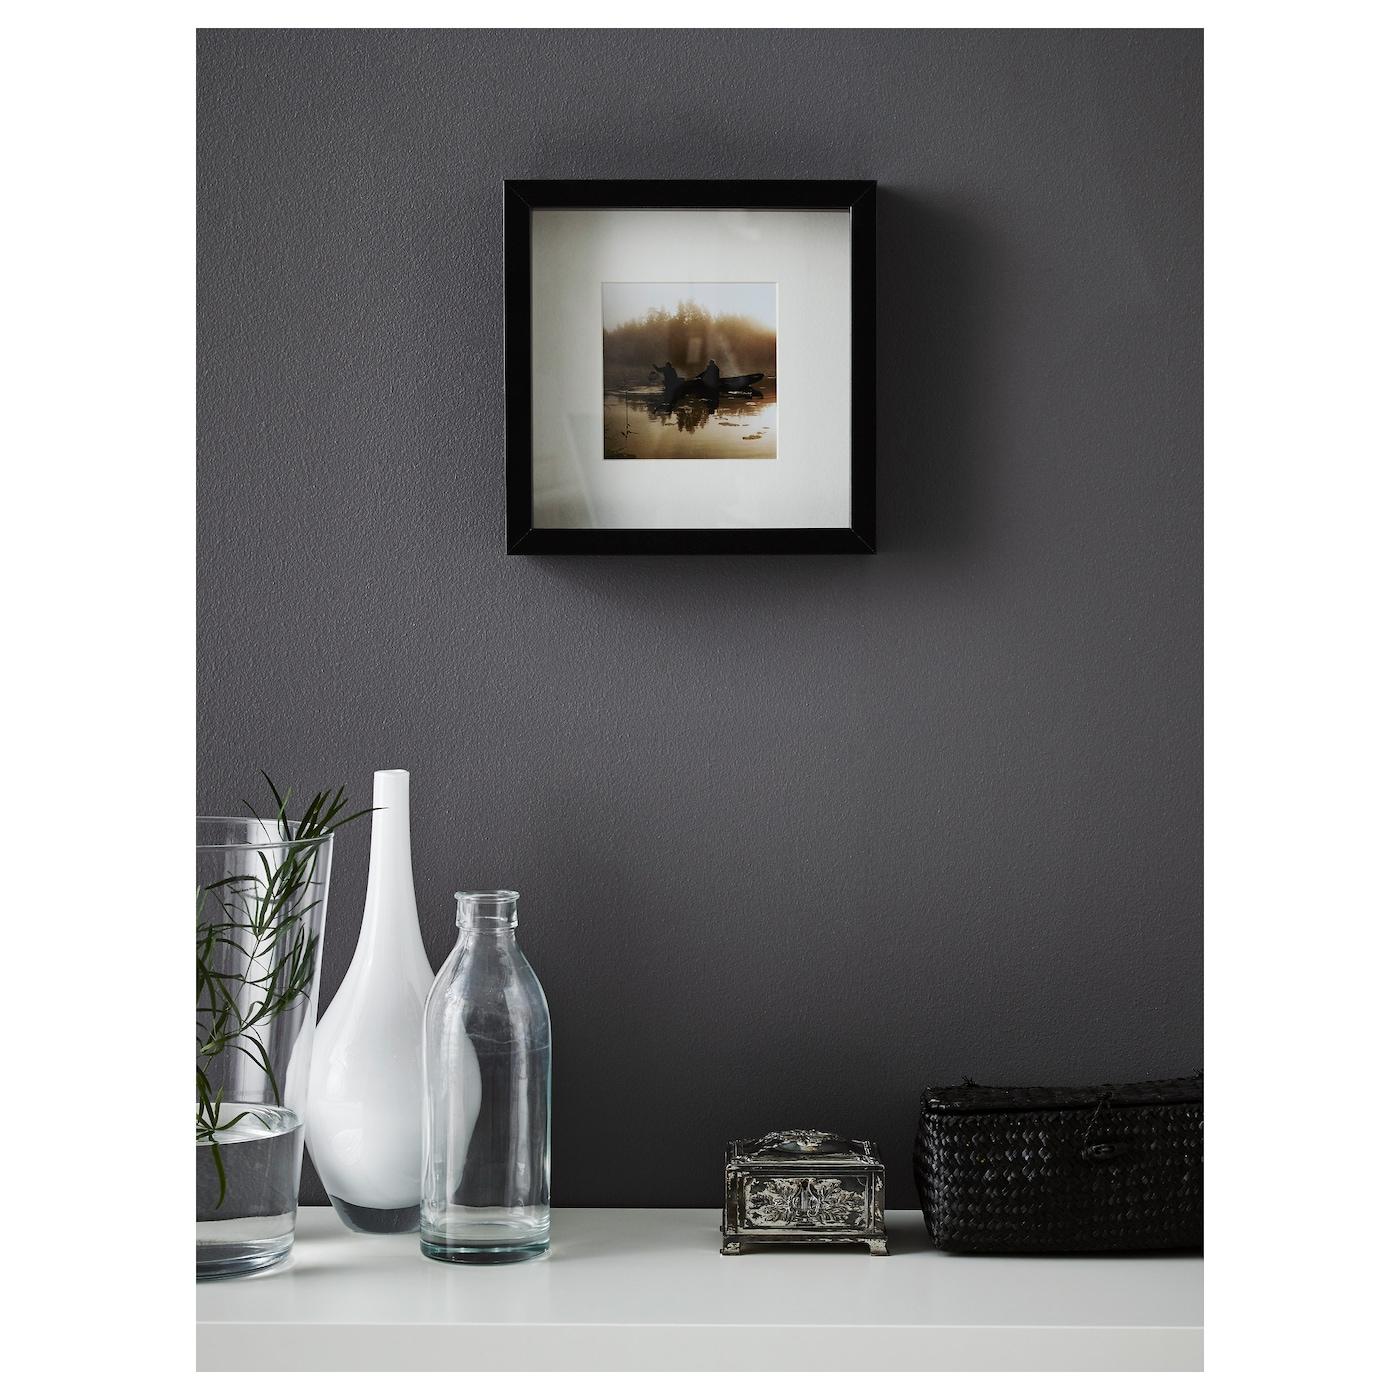 ribba frame black 23 x 23 cm ikea. Black Bedroom Furniture Sets. Home Design Ideas